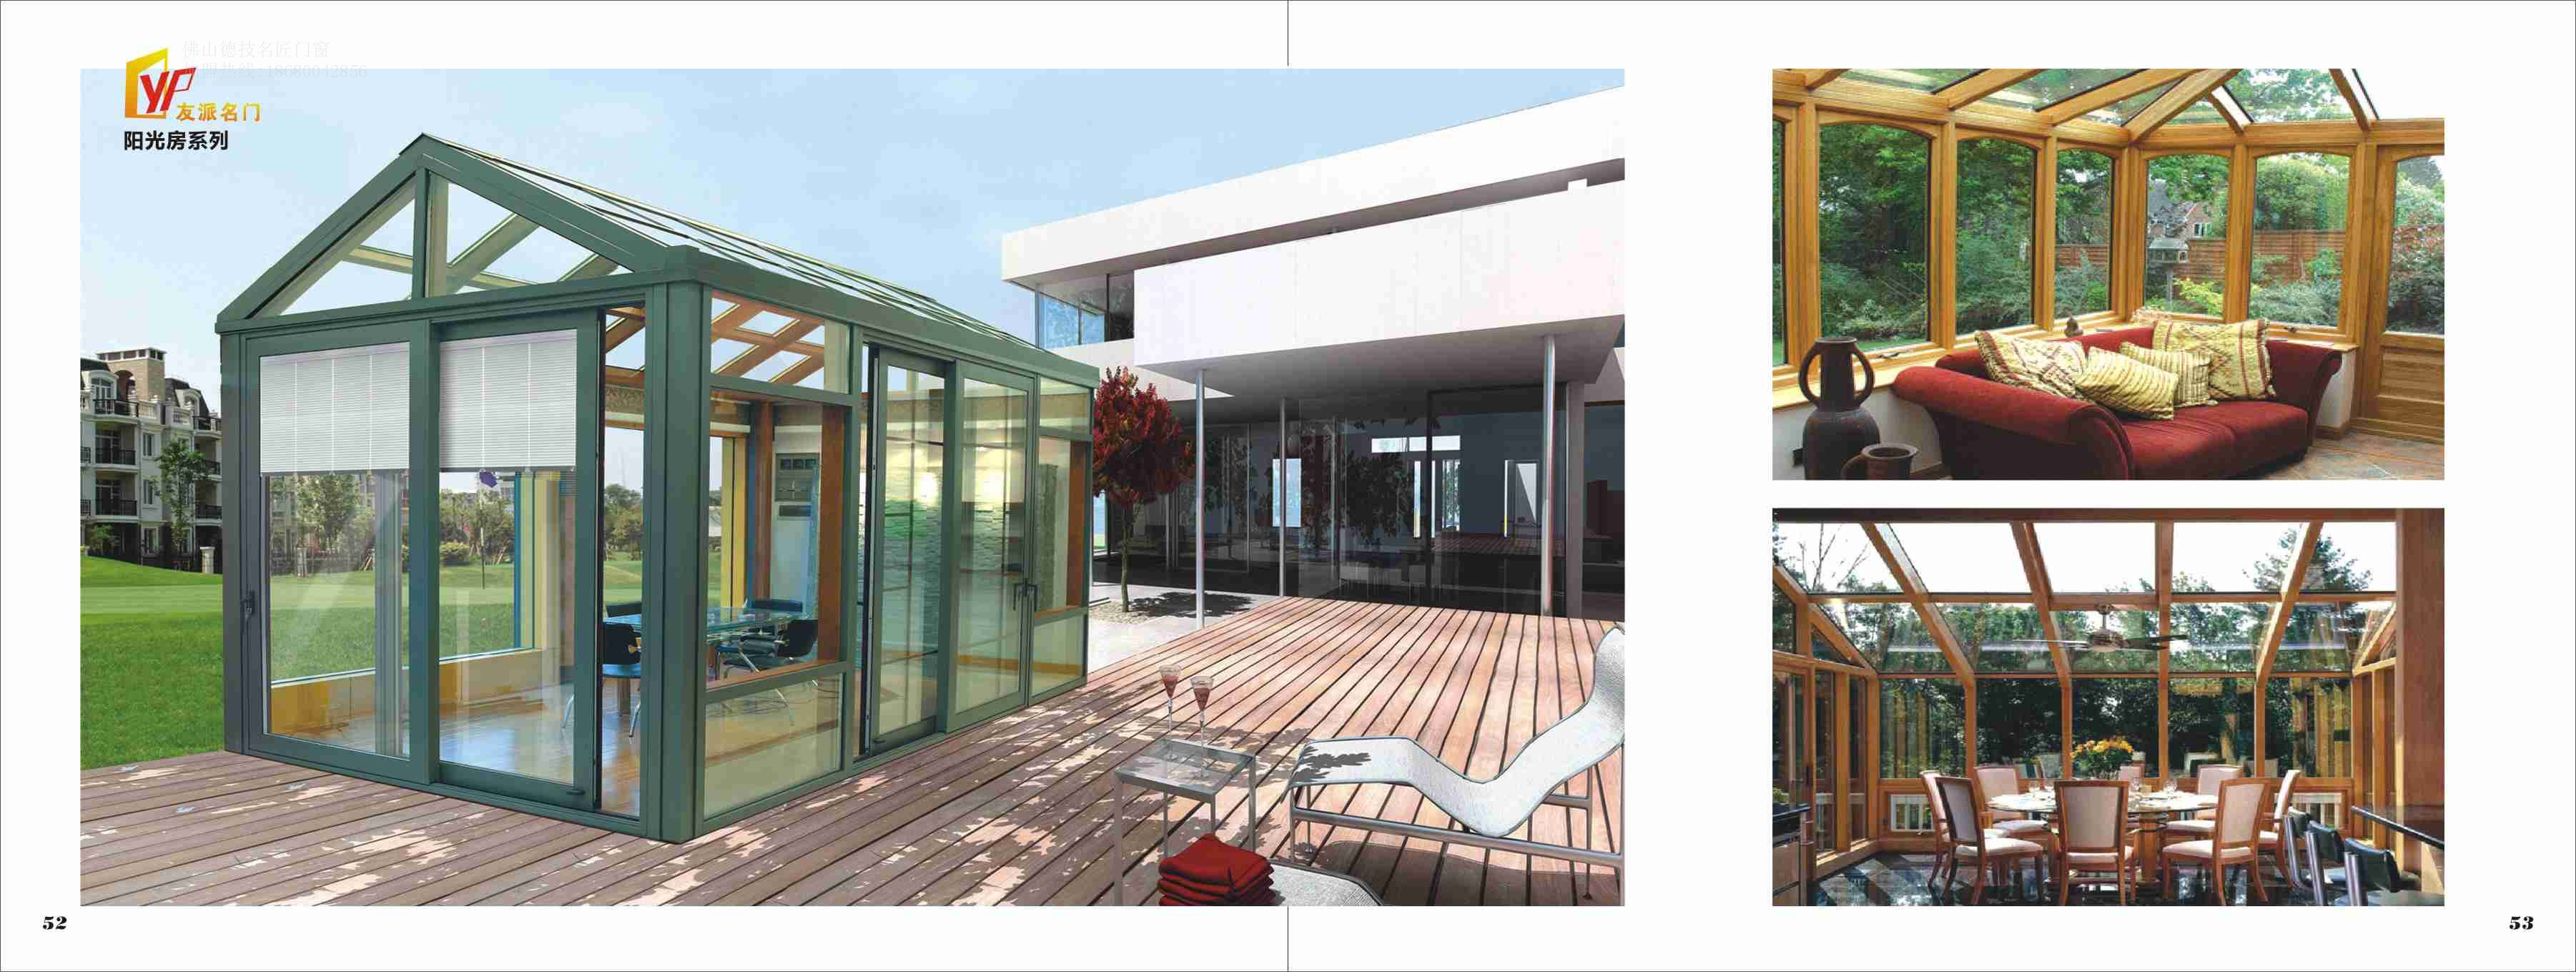 阳光房 欧式 混搭 简约图片来自djmjdoor在德技名匠阳光房的分享